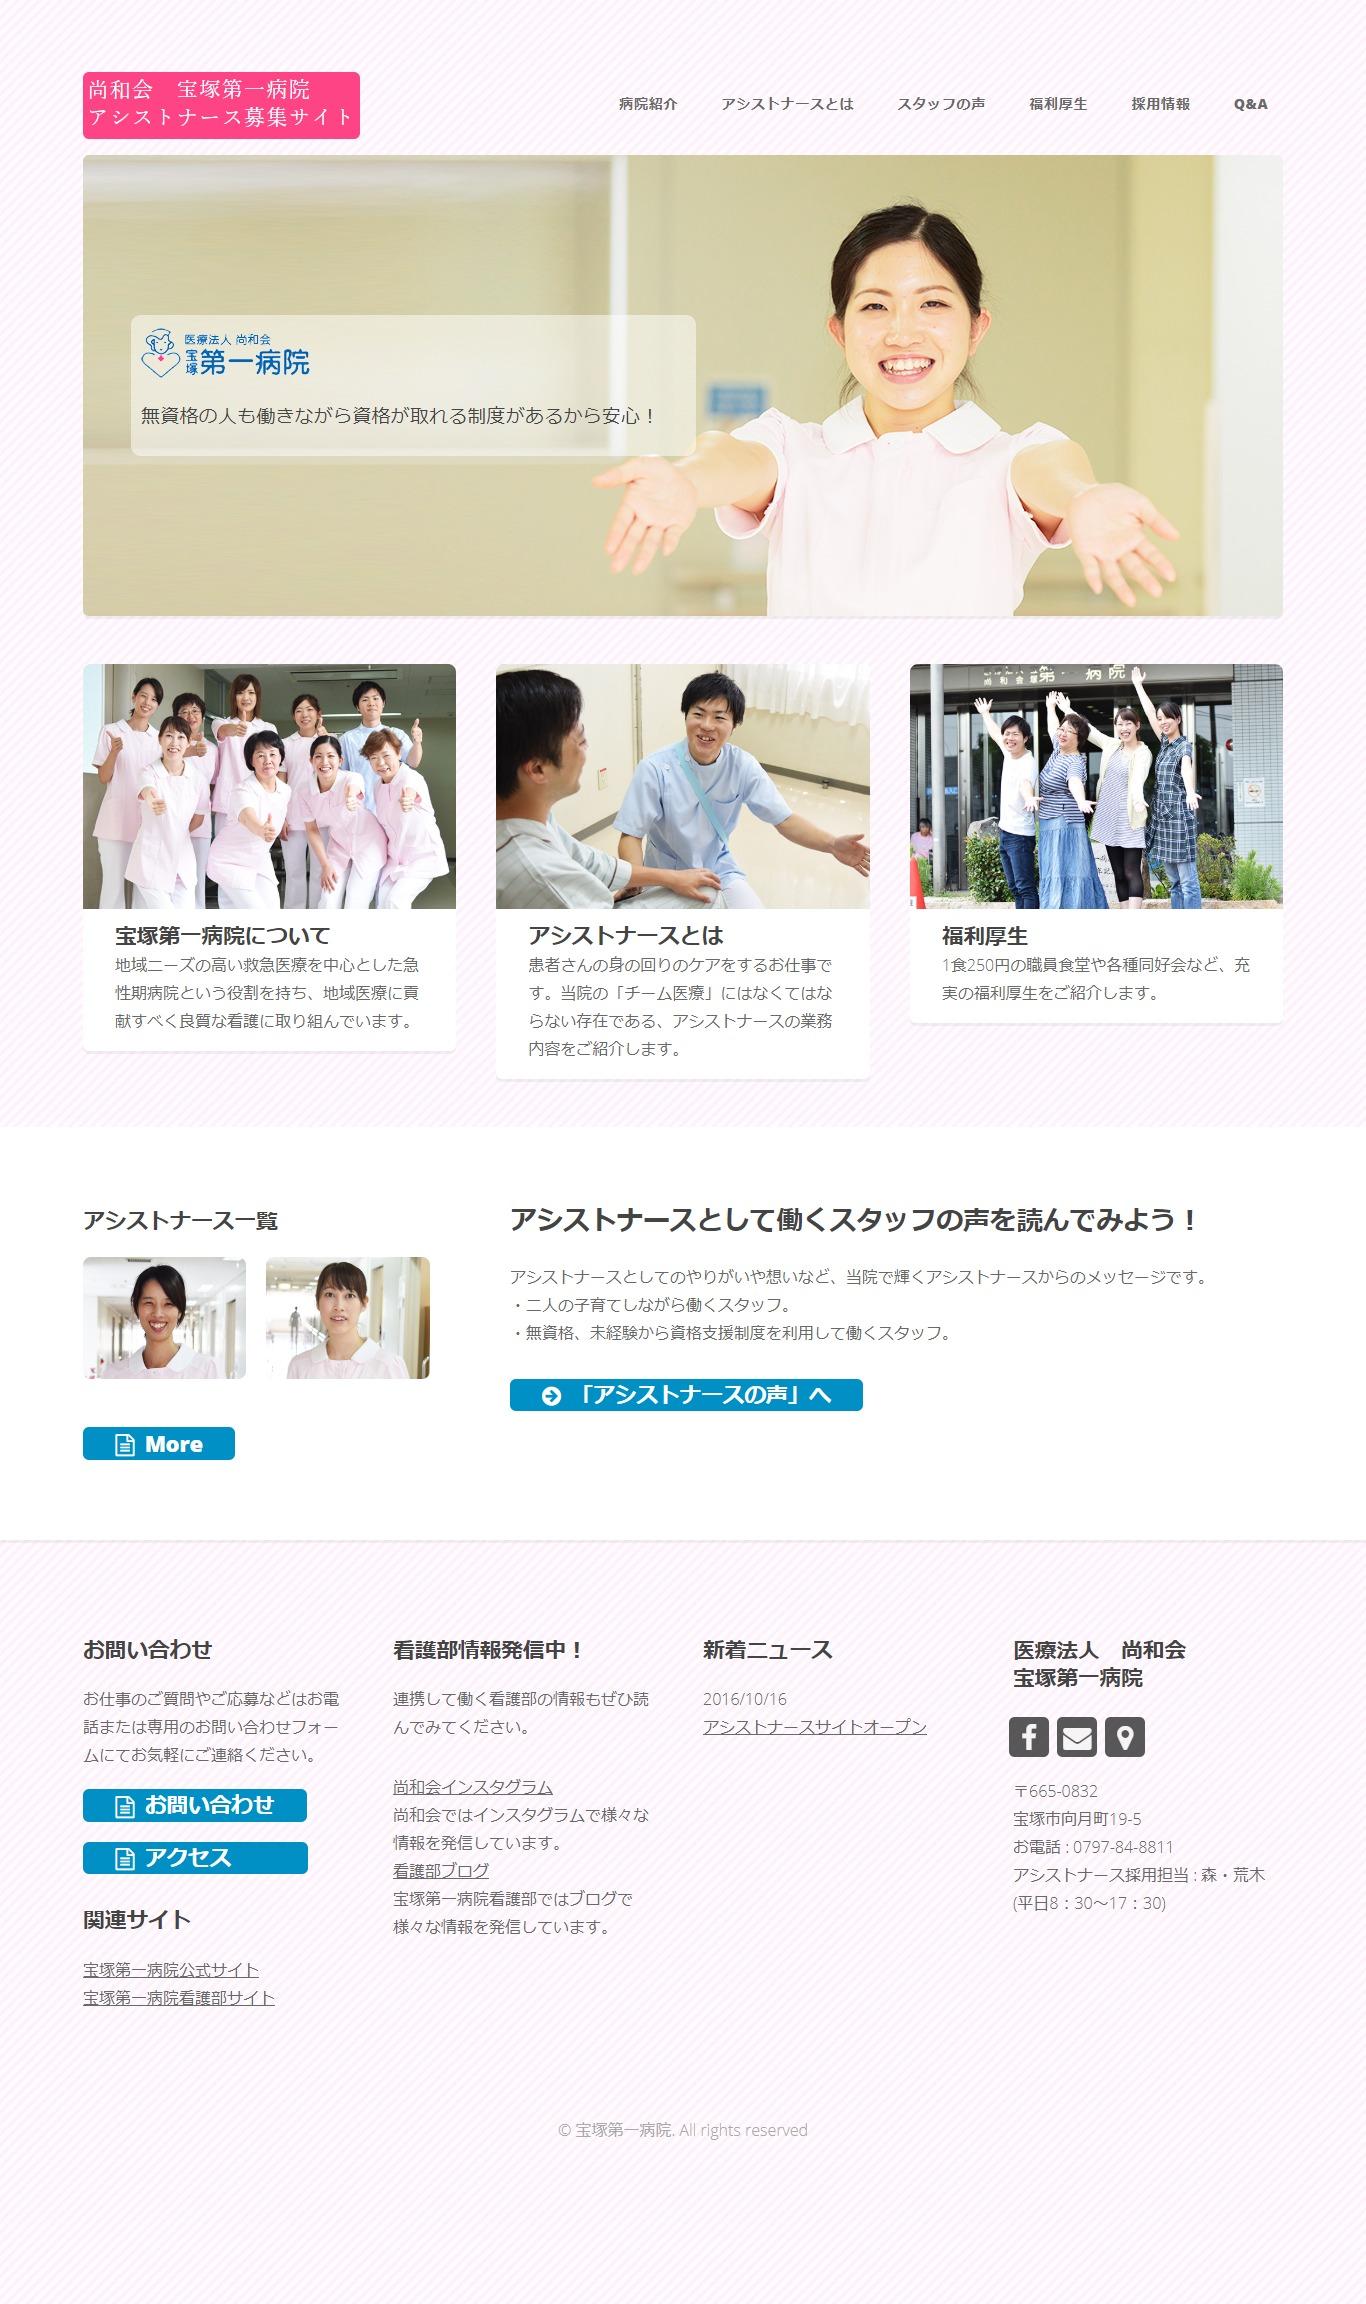 2000年4月作成「宝塚第一病院」アシストナース募集サイト